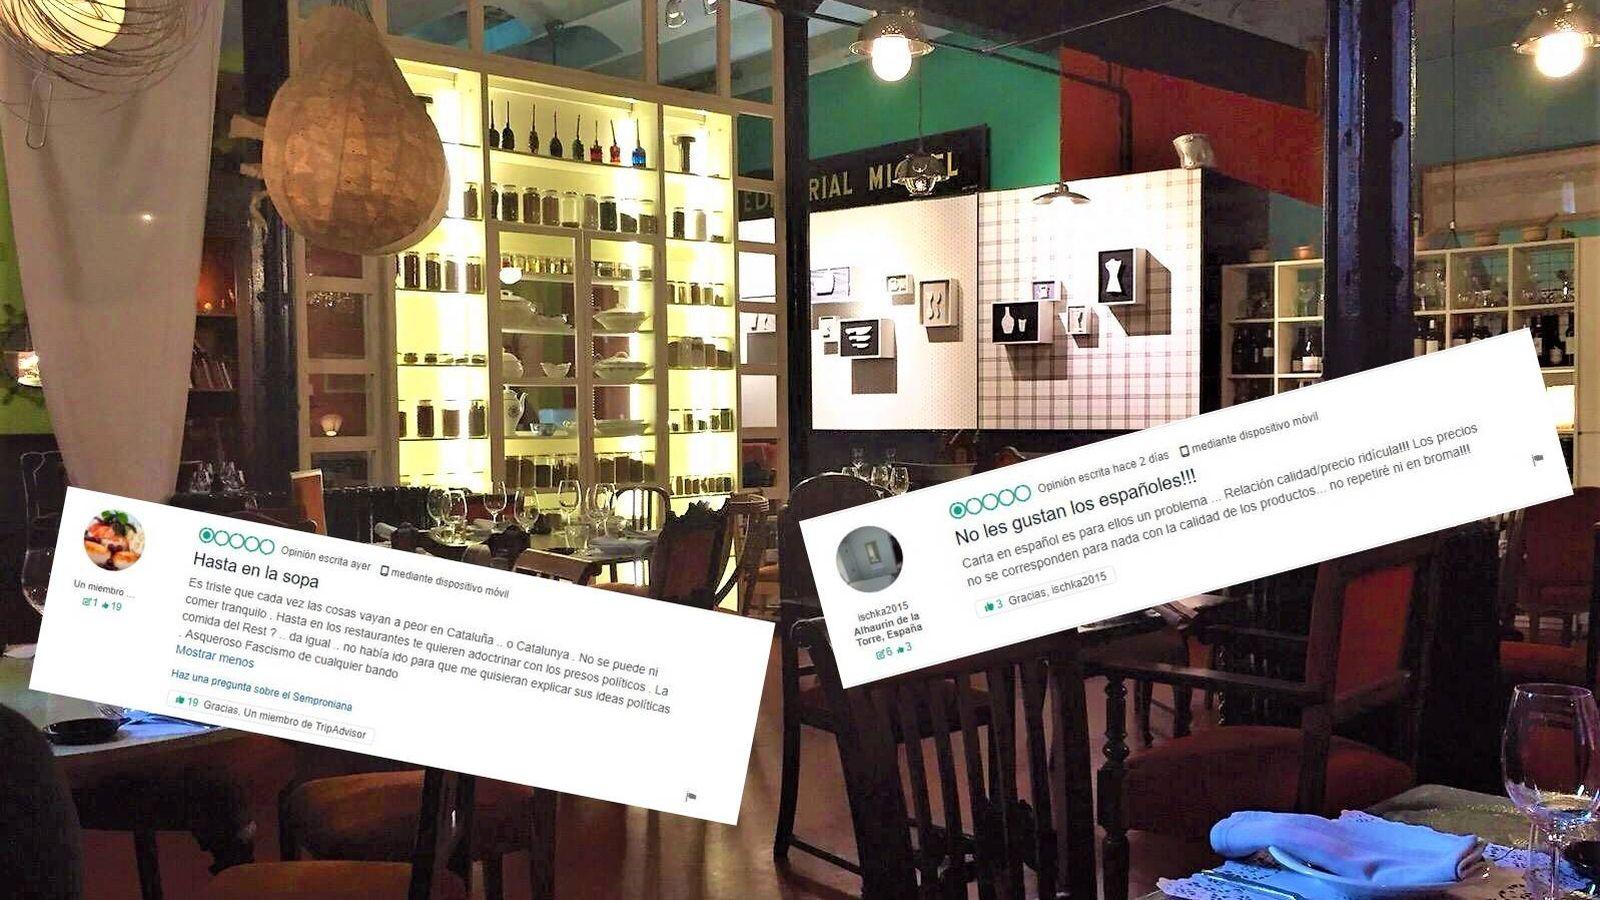 Foto: Los comentarios negativos han aparecido tras el anuncio de la cena solidaria.